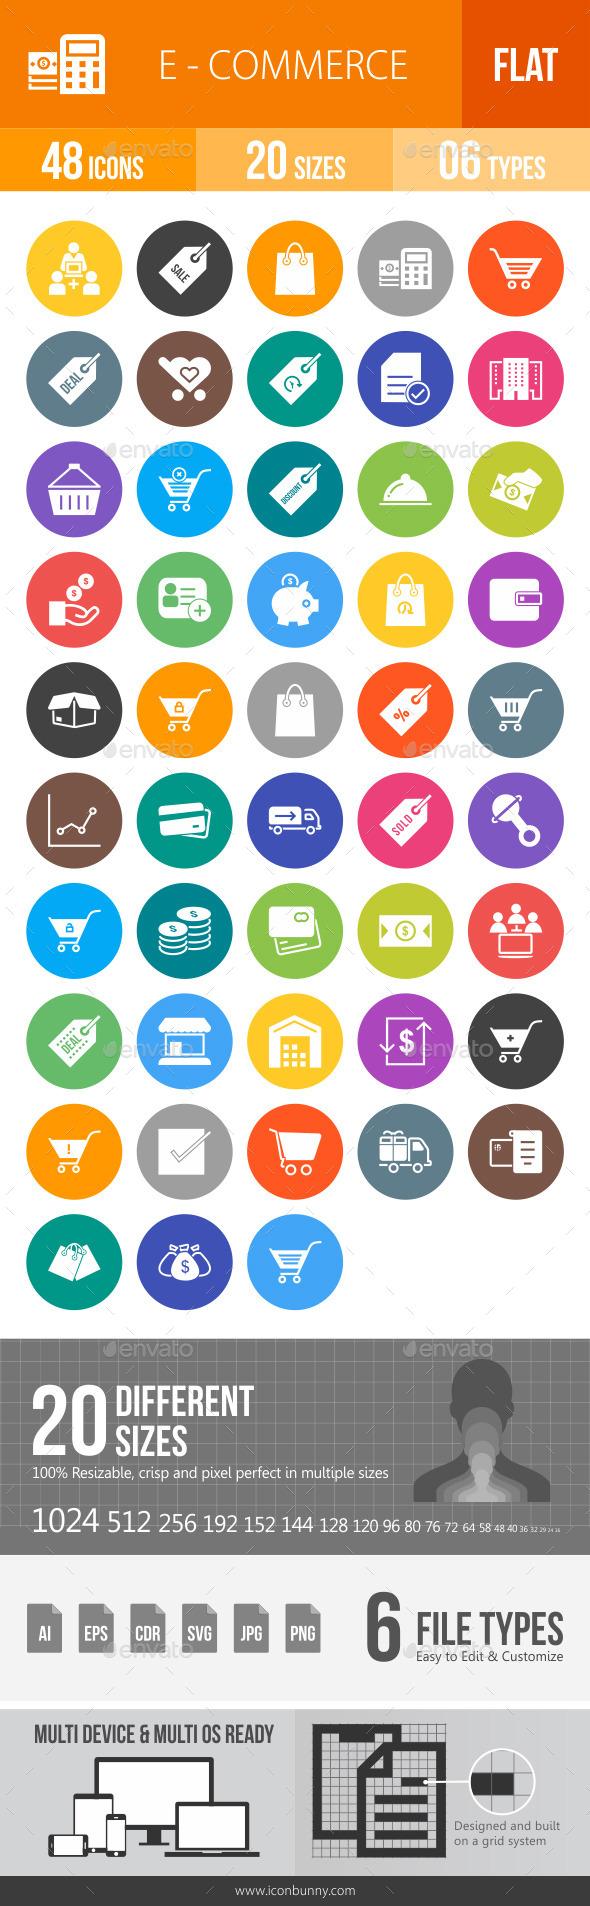 Ecommerce Flat Round Icons - Icons